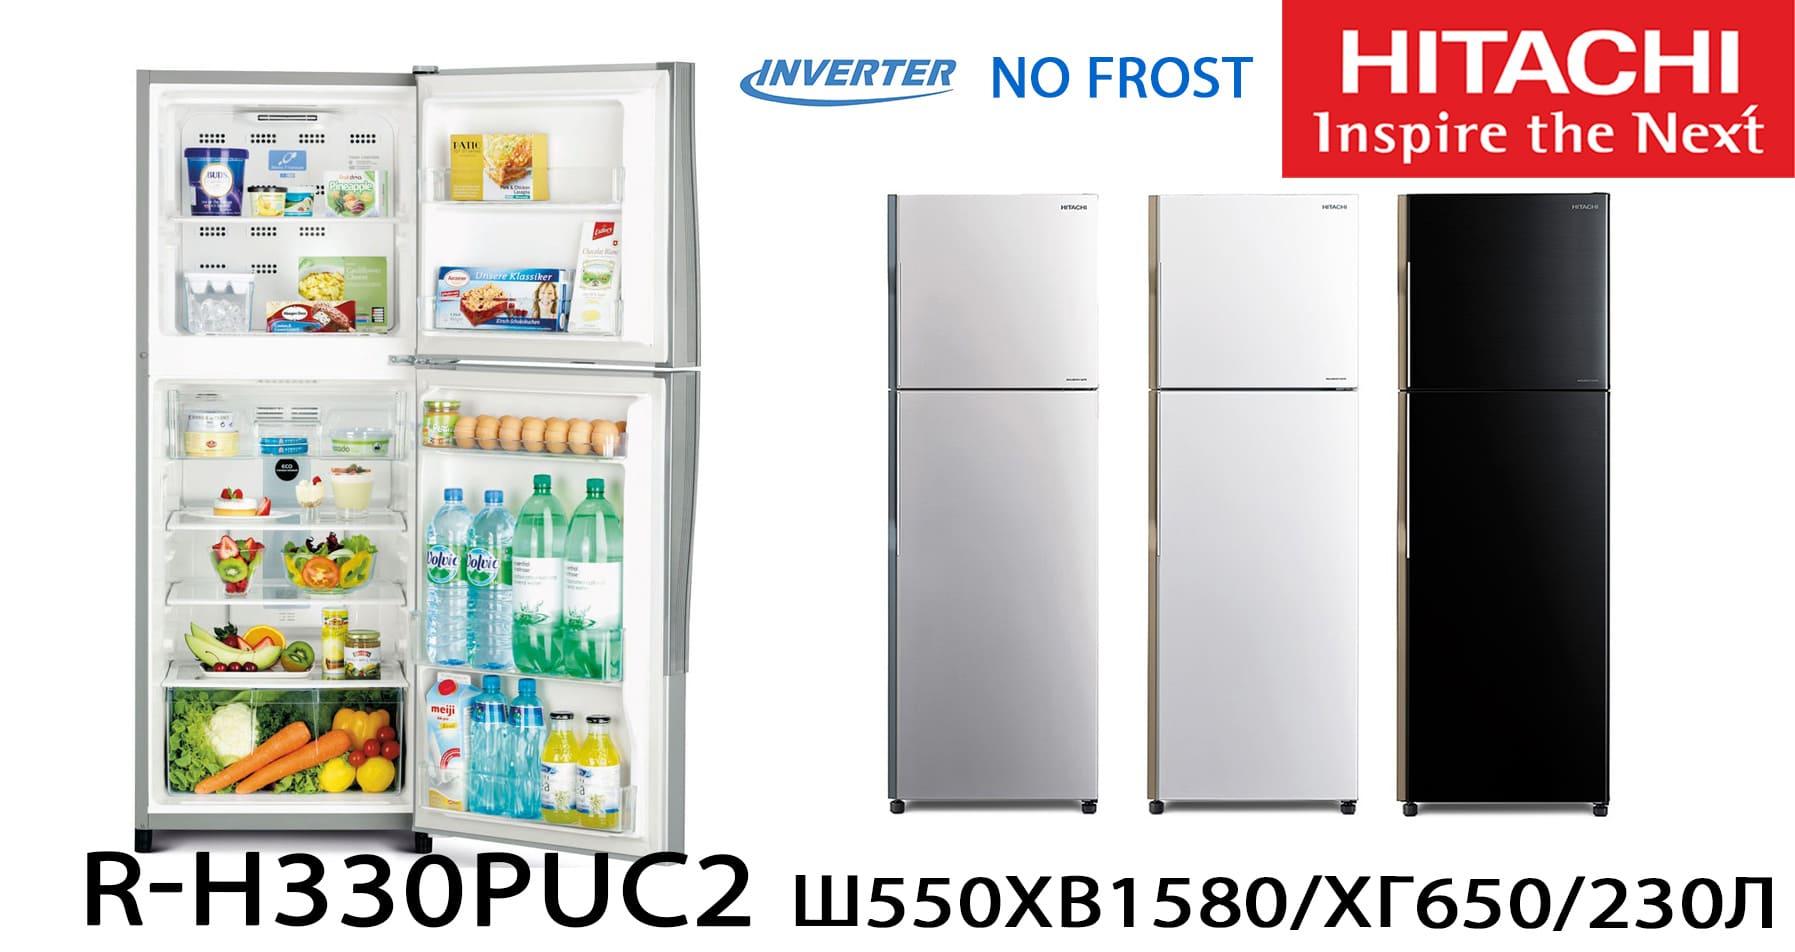 Hitachi_r-H330_vse_cveta Холодильник Hitachi R-H330PUC7PWH